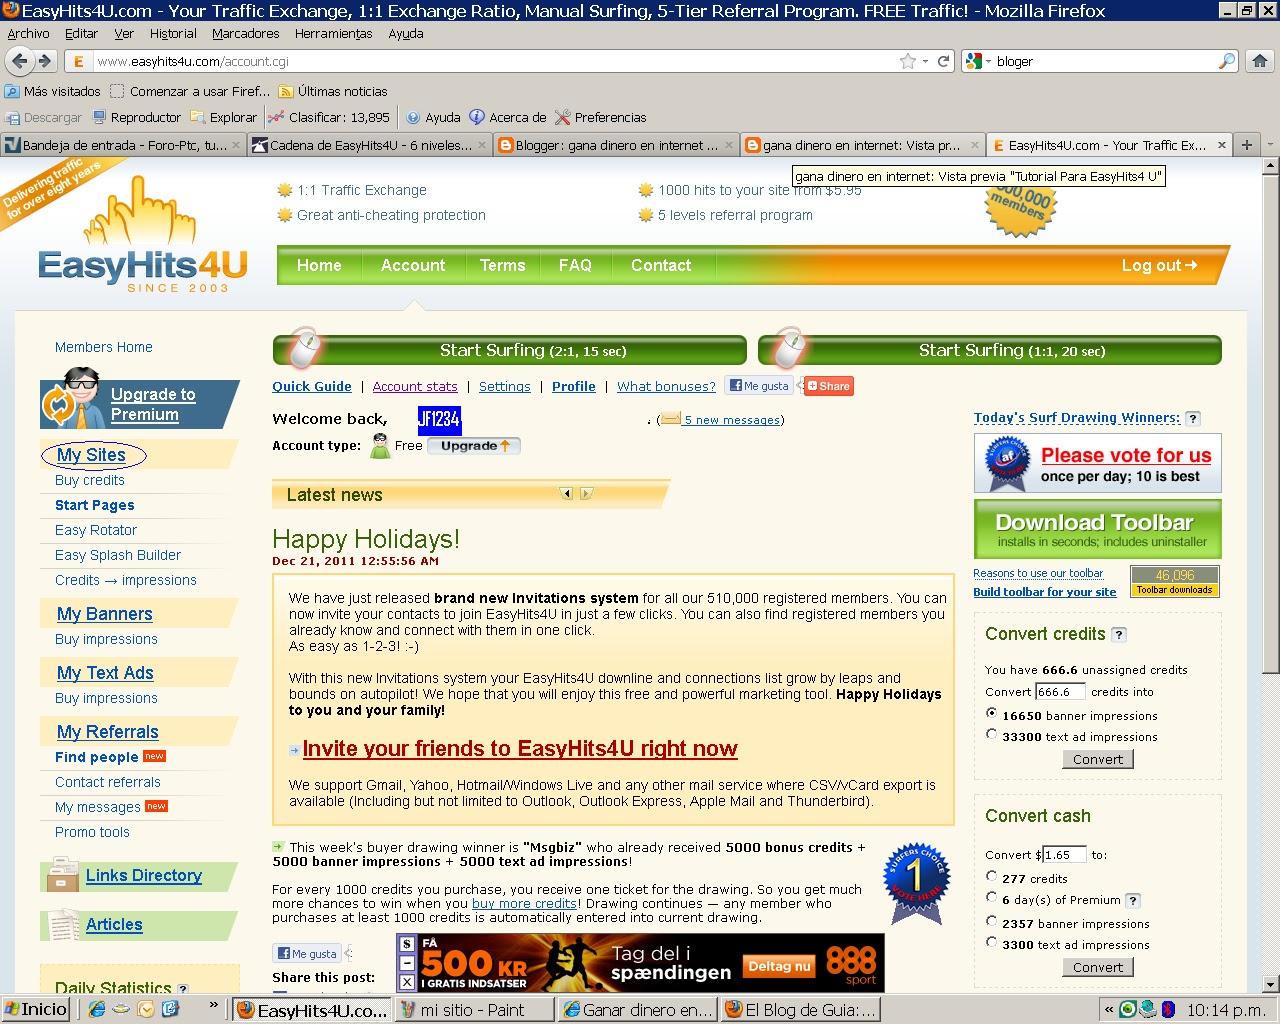 tutorial easyhits4u. publicidad gratis Mi+sitio